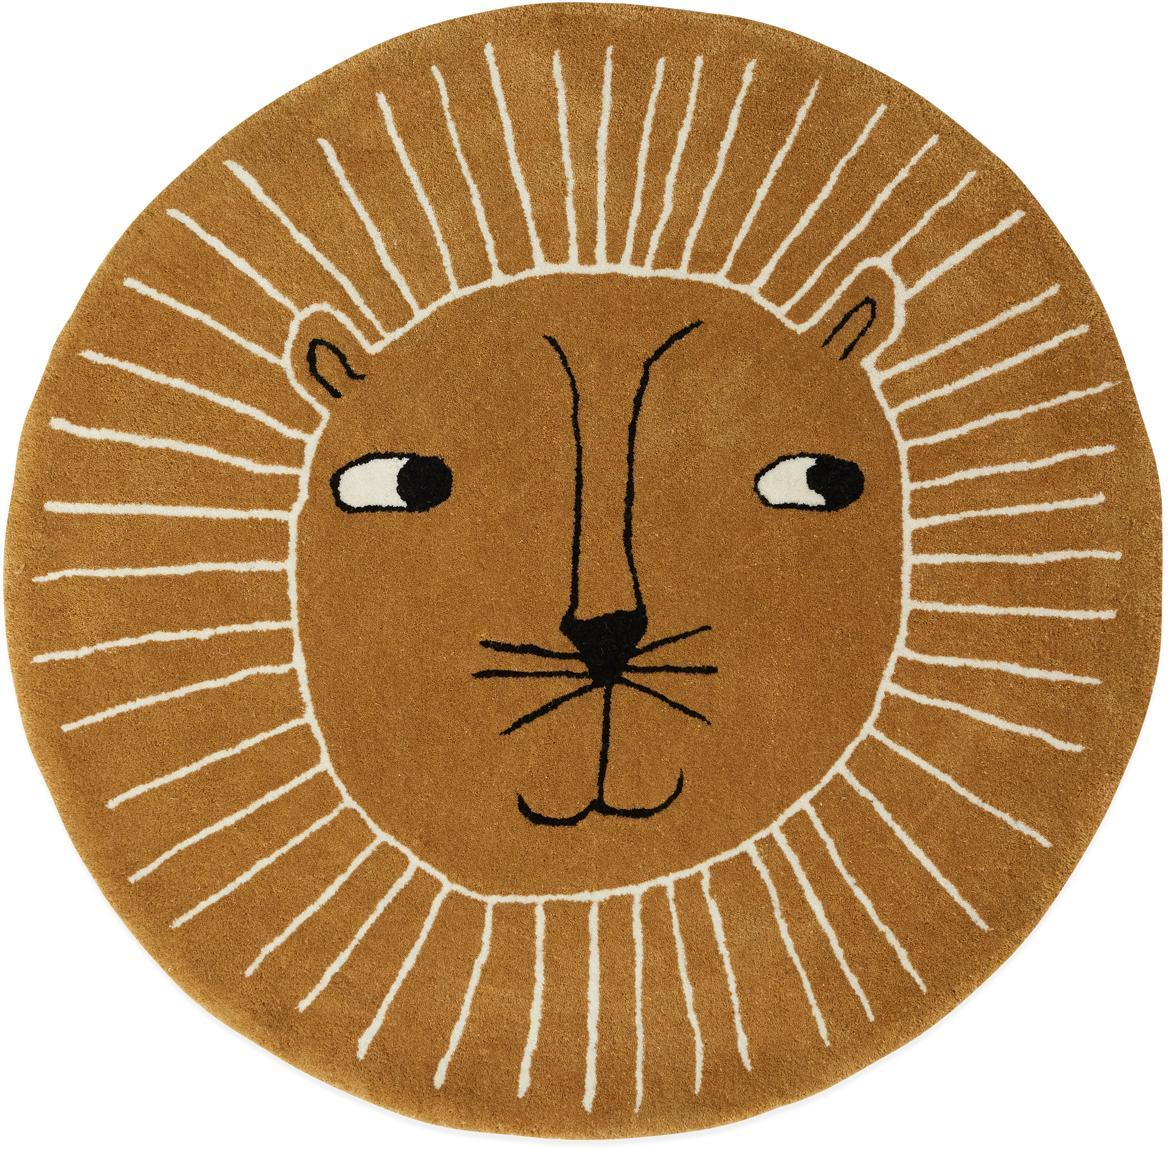 Wollteppich Lion, 80% Wolle, 20% Baumwolle, Karamellbraun, Schwarz, Weiss, Ø 95 cm